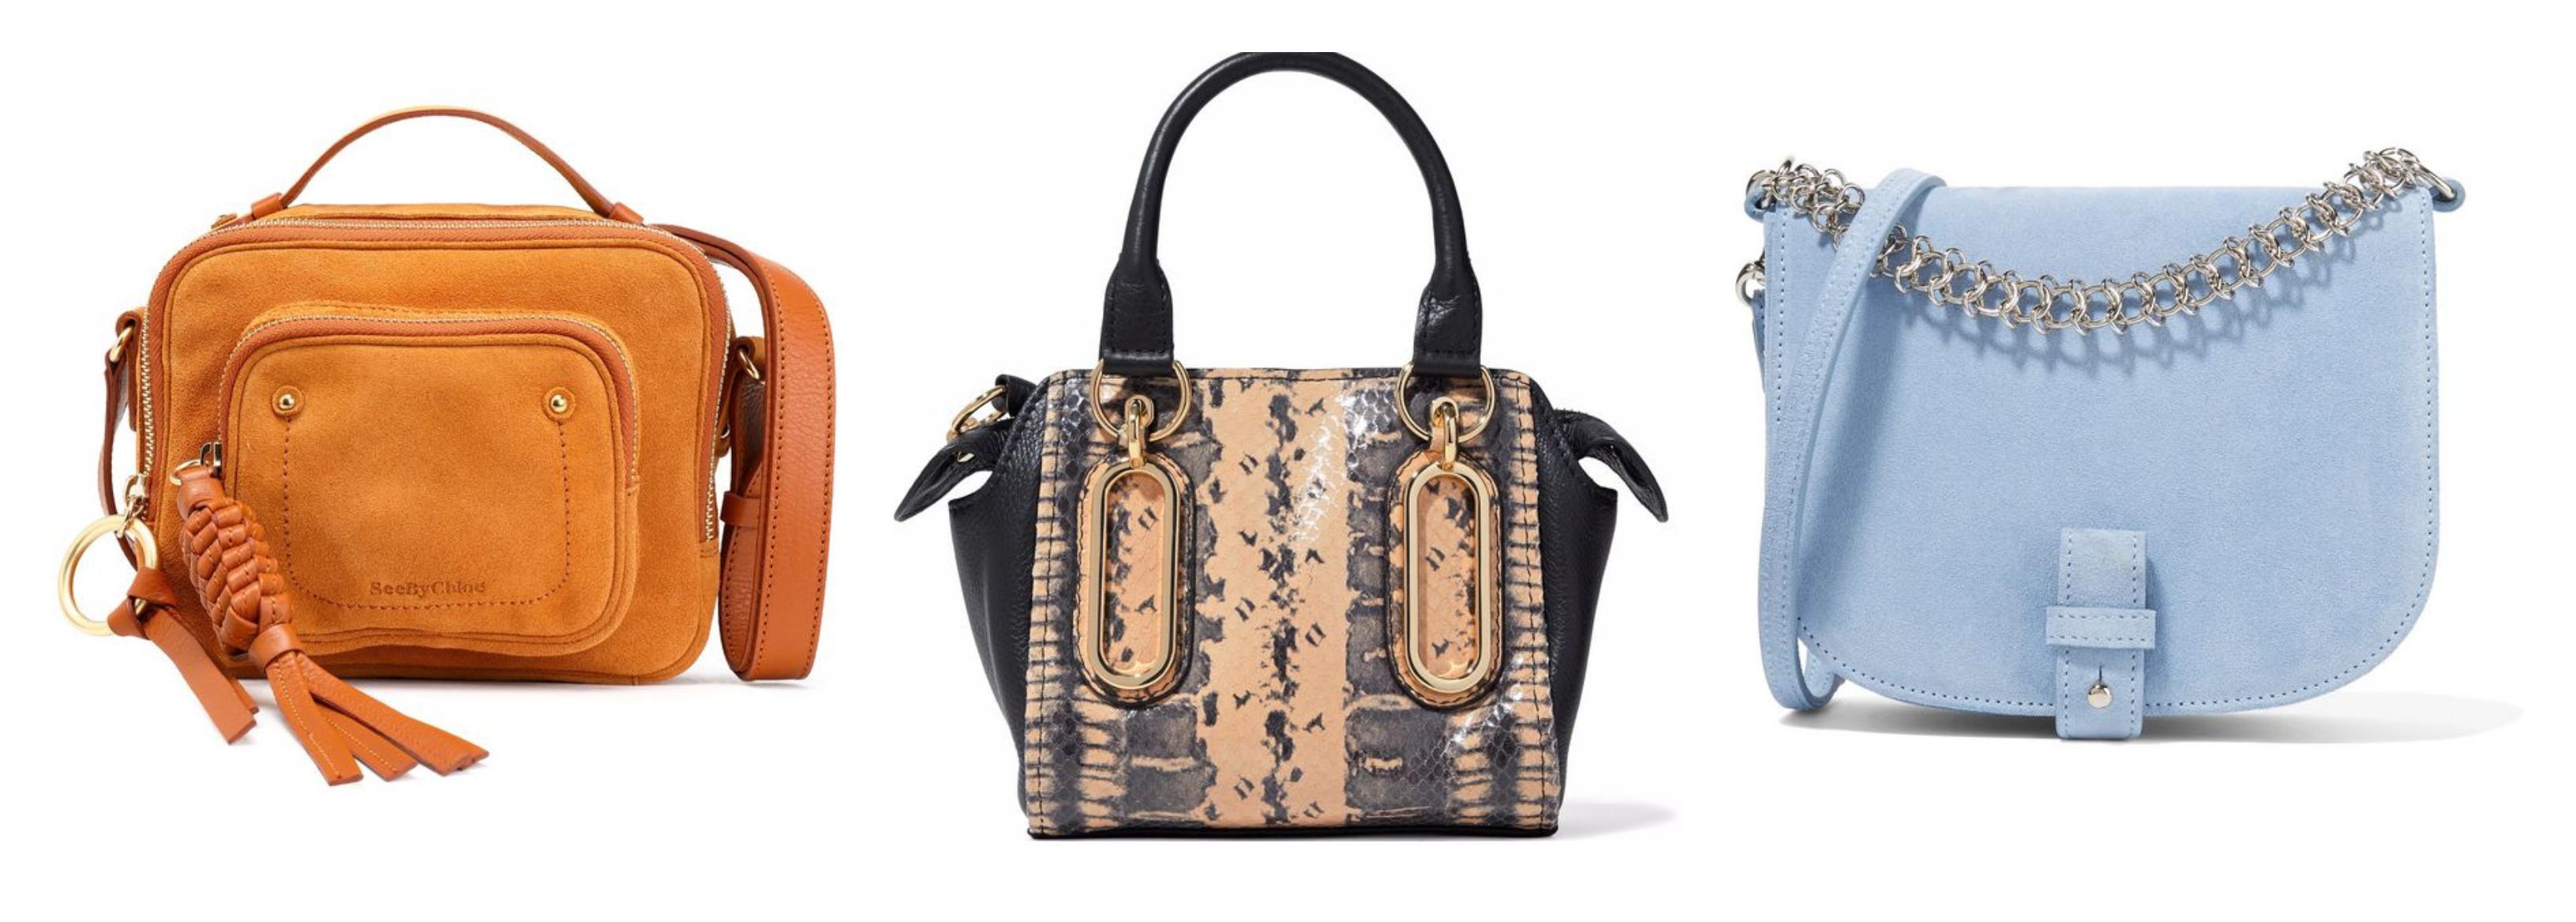 Tko je za dizajnerske torbe? Pronašli smo najljepše modele na Outnetu po pristupačnijim cijenama